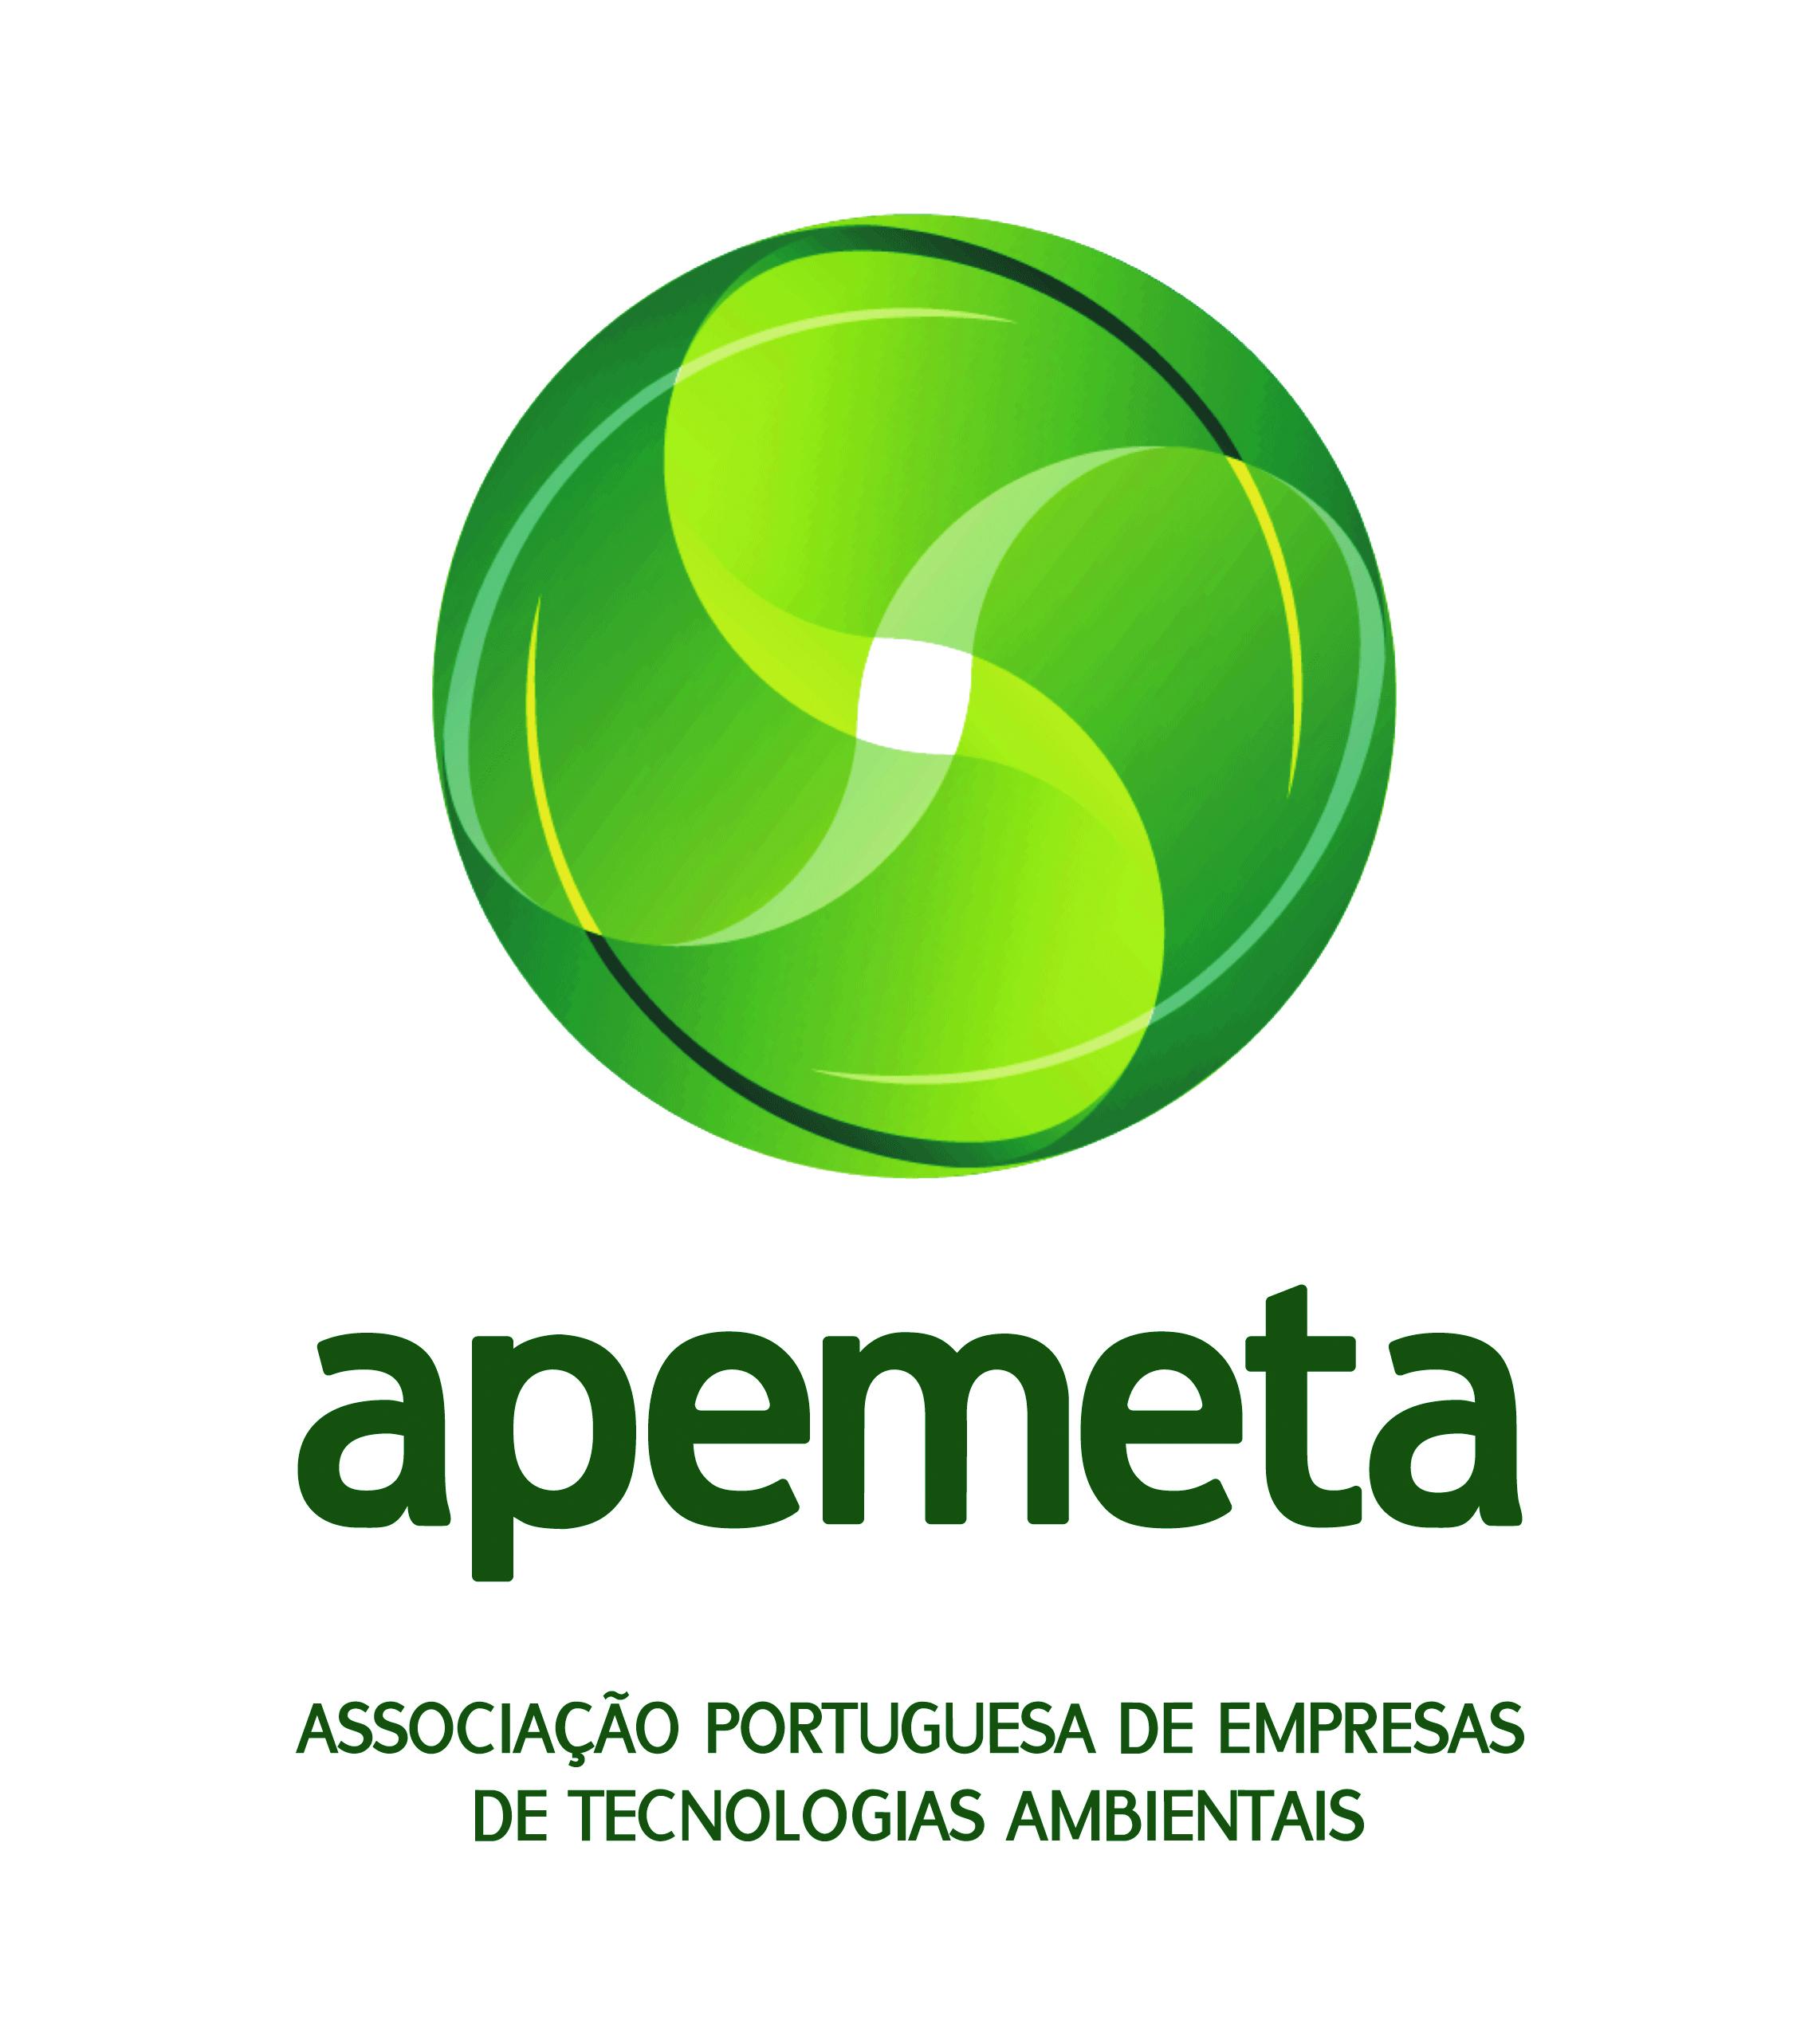 APEMETA_vertical